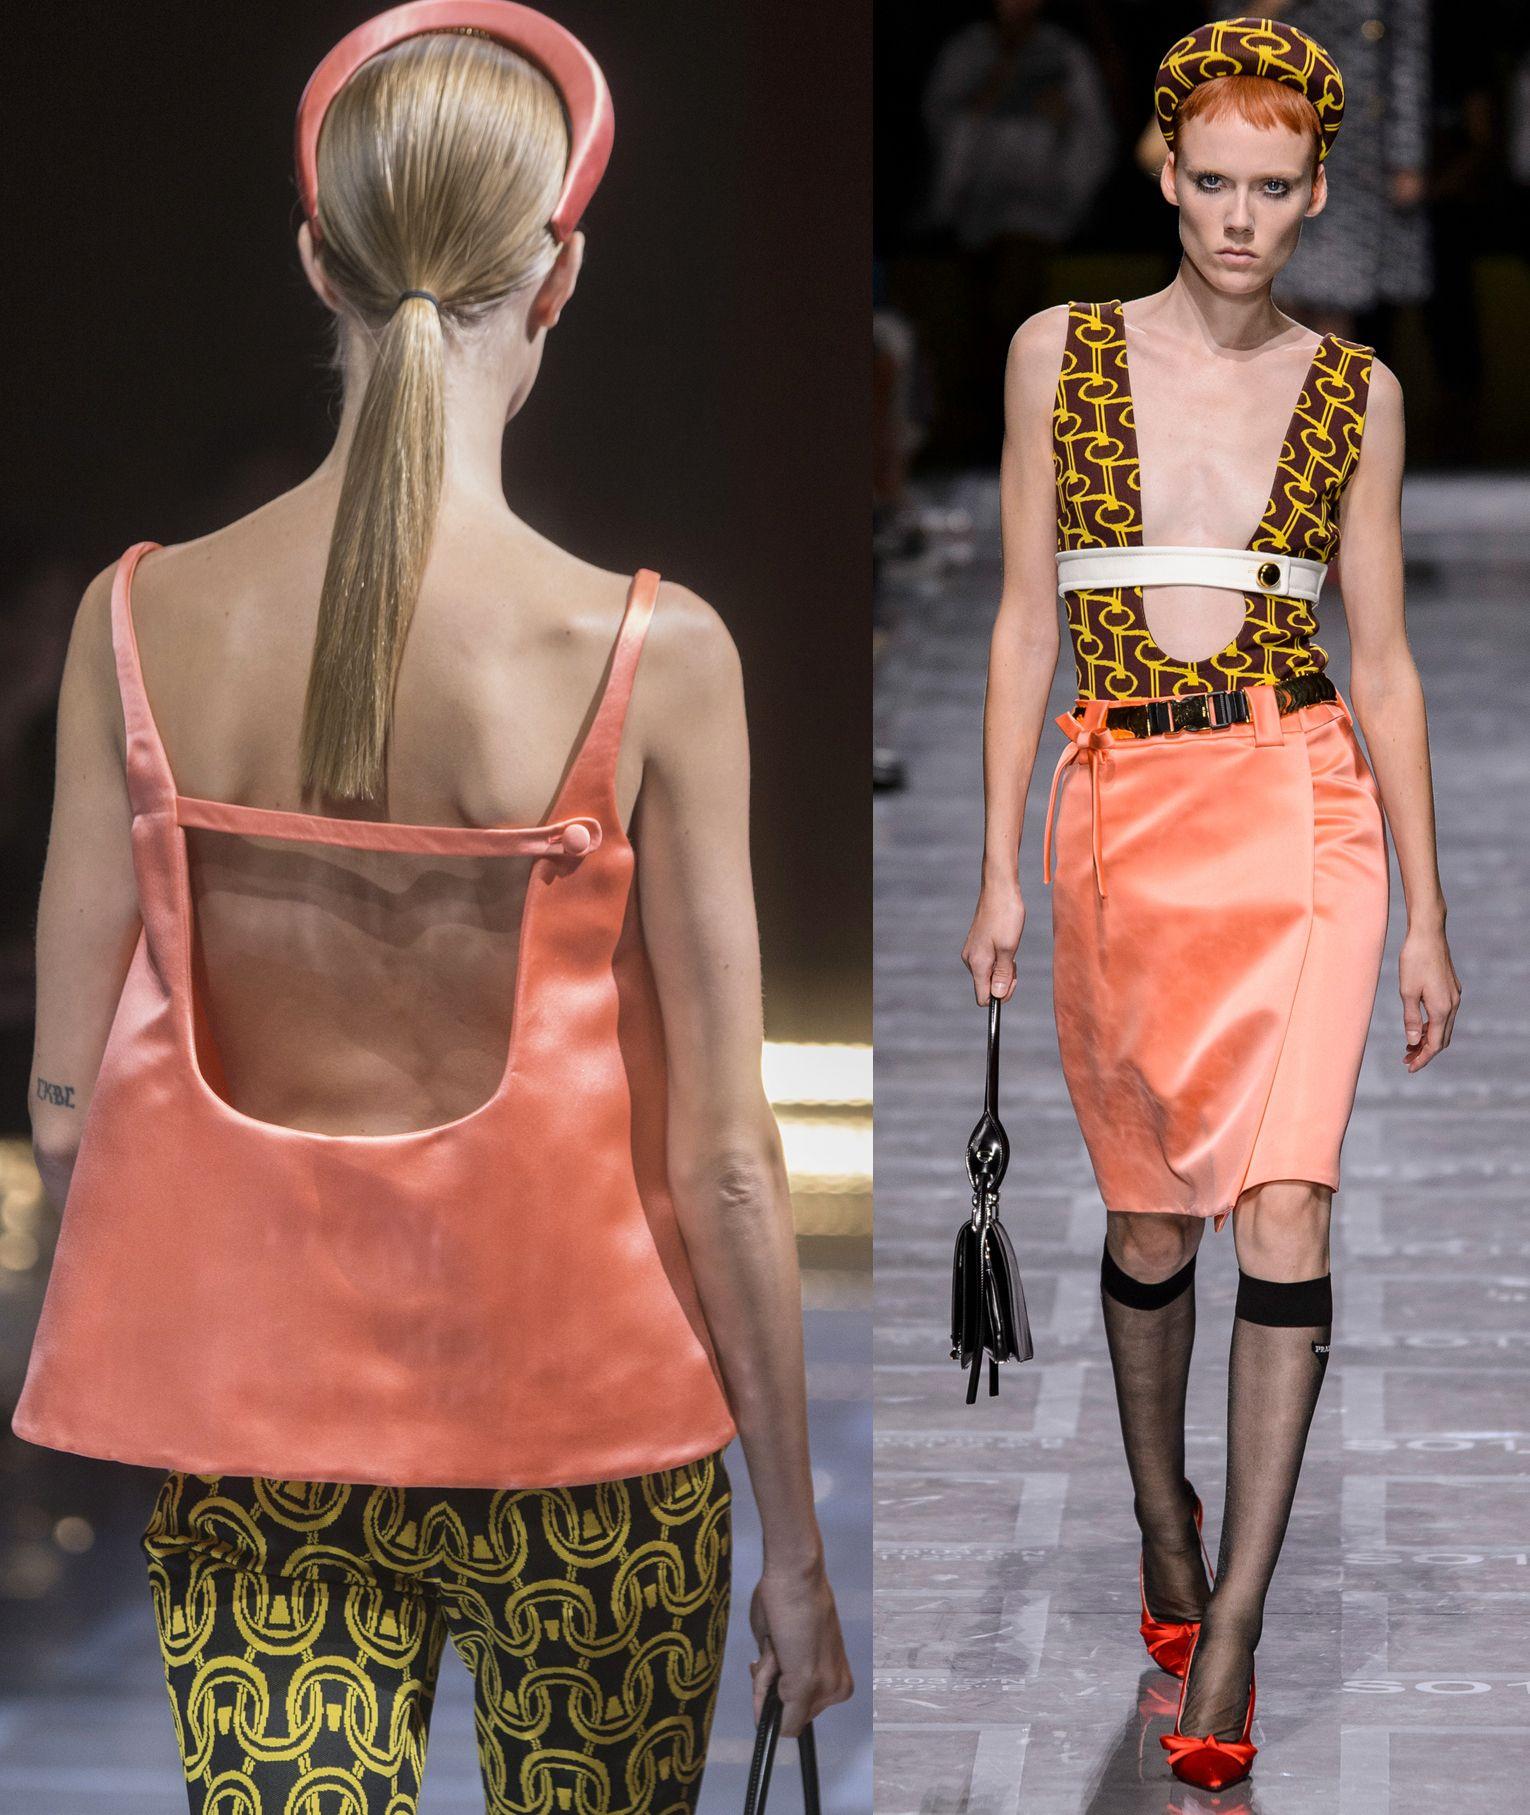 Anche la moda primavera estate è pronta ad accogliere il colore Pantone 2019, il rosa corallo Living Coral, la tonalità a metà tra l'arancione e il rosa, capace di irradiare i tuoi prossimi outfit in look da 10 e lode.